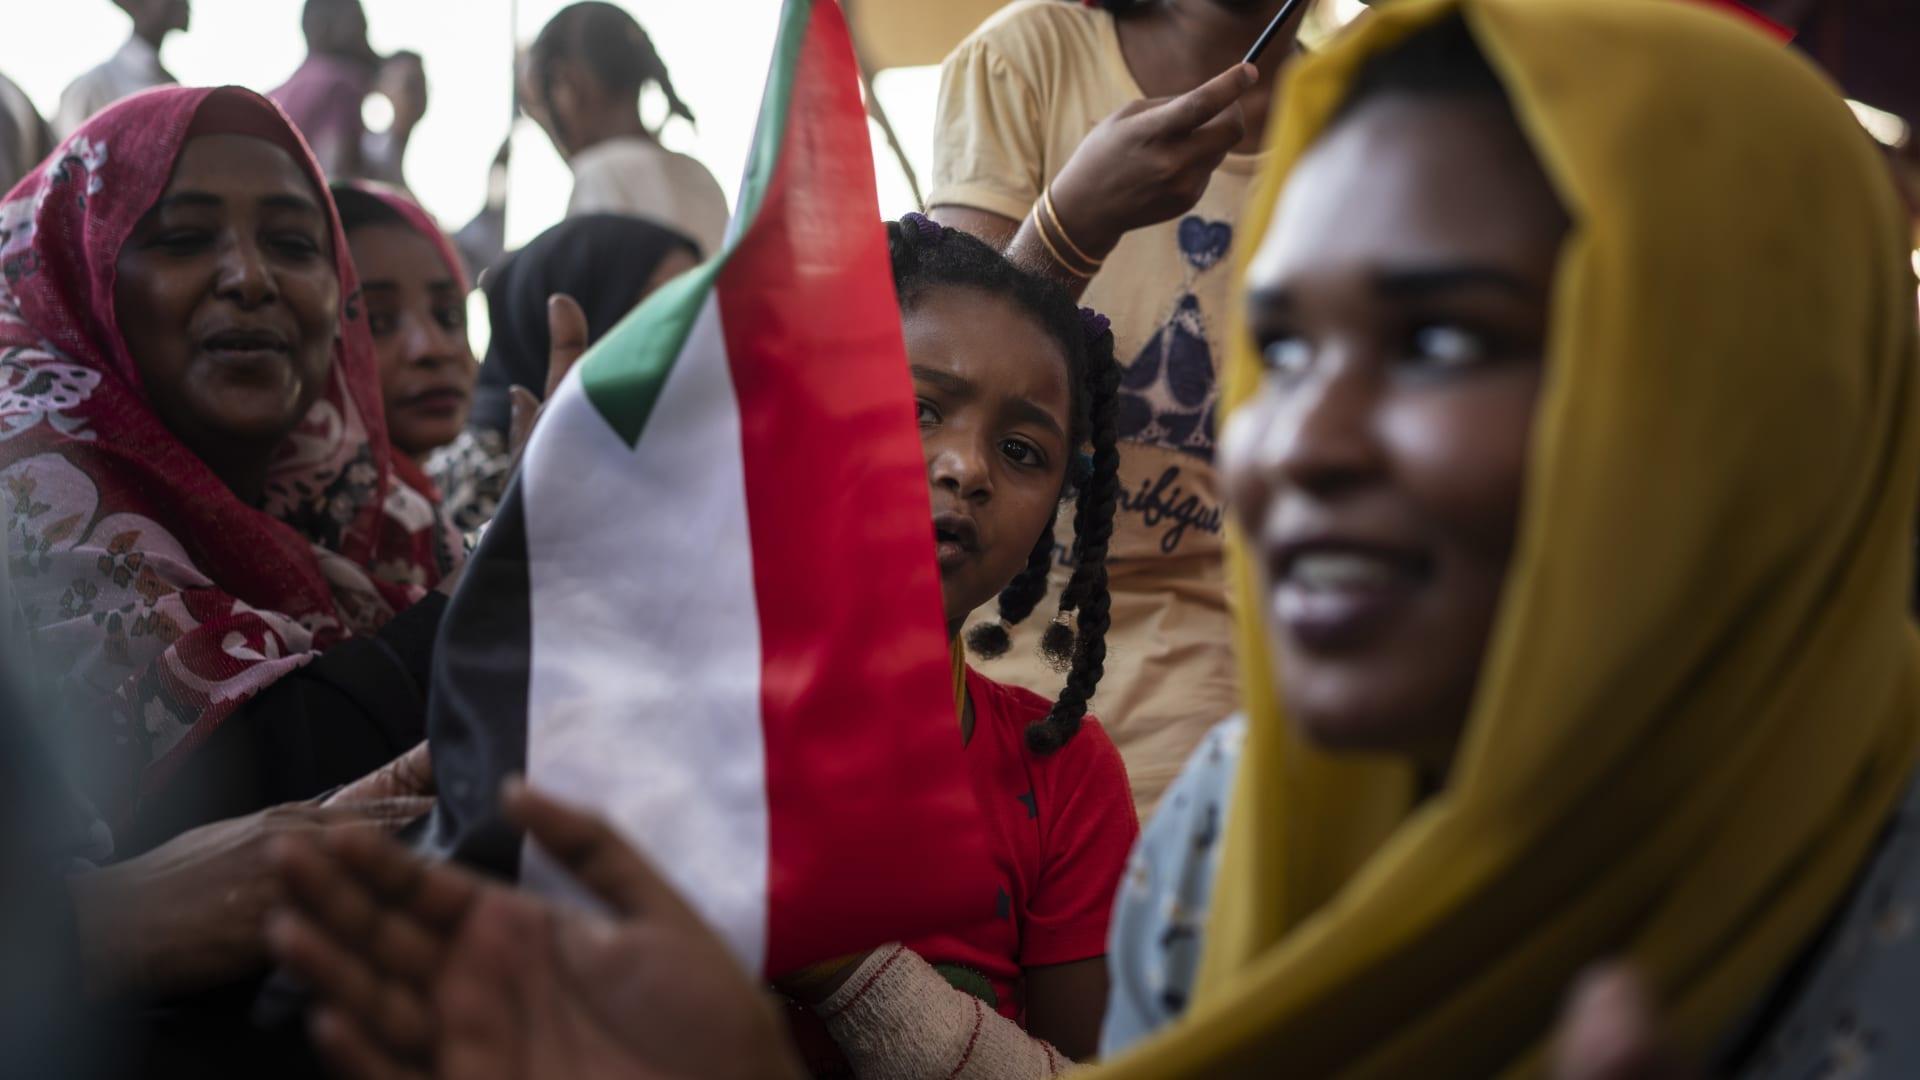 السودان يعلن تجريم ختان الإناث بموجب تشريع قانوني جديد.. واليونسيف ترحب